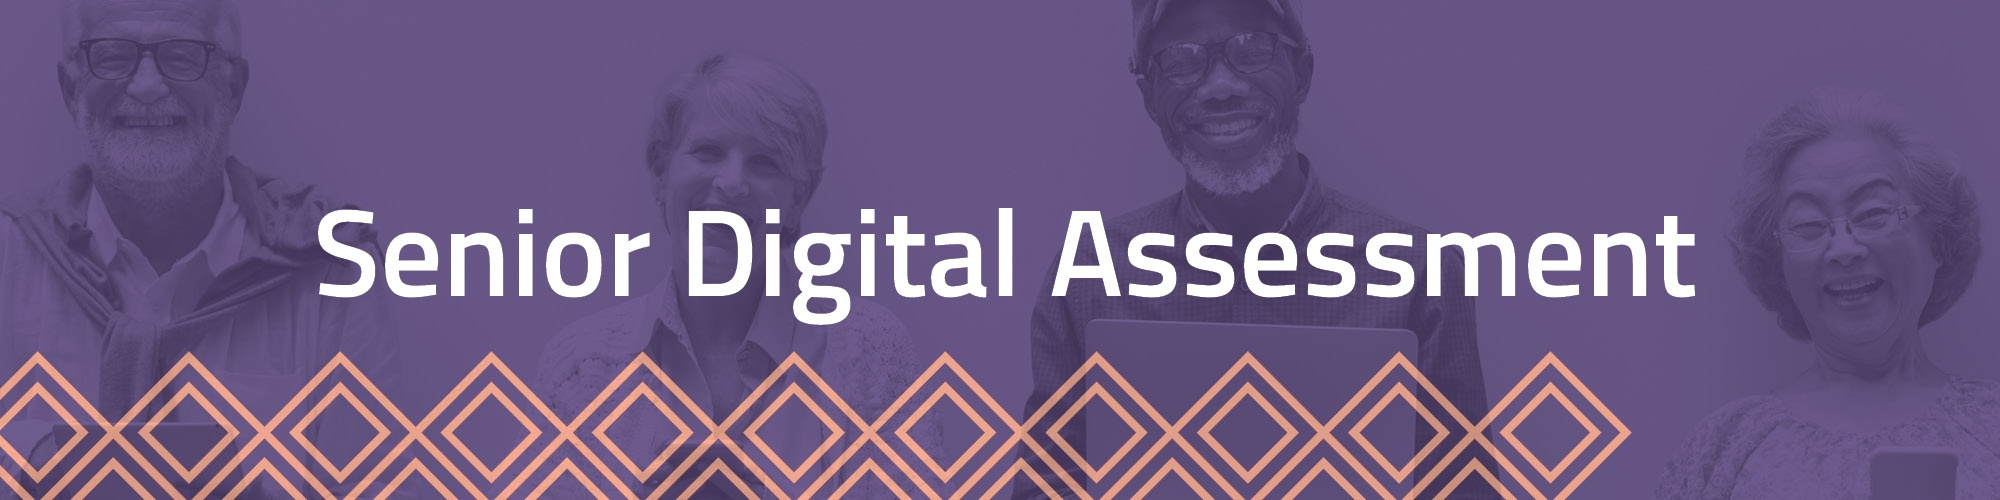 Imagewerks Marketing Senior Digital Assessment